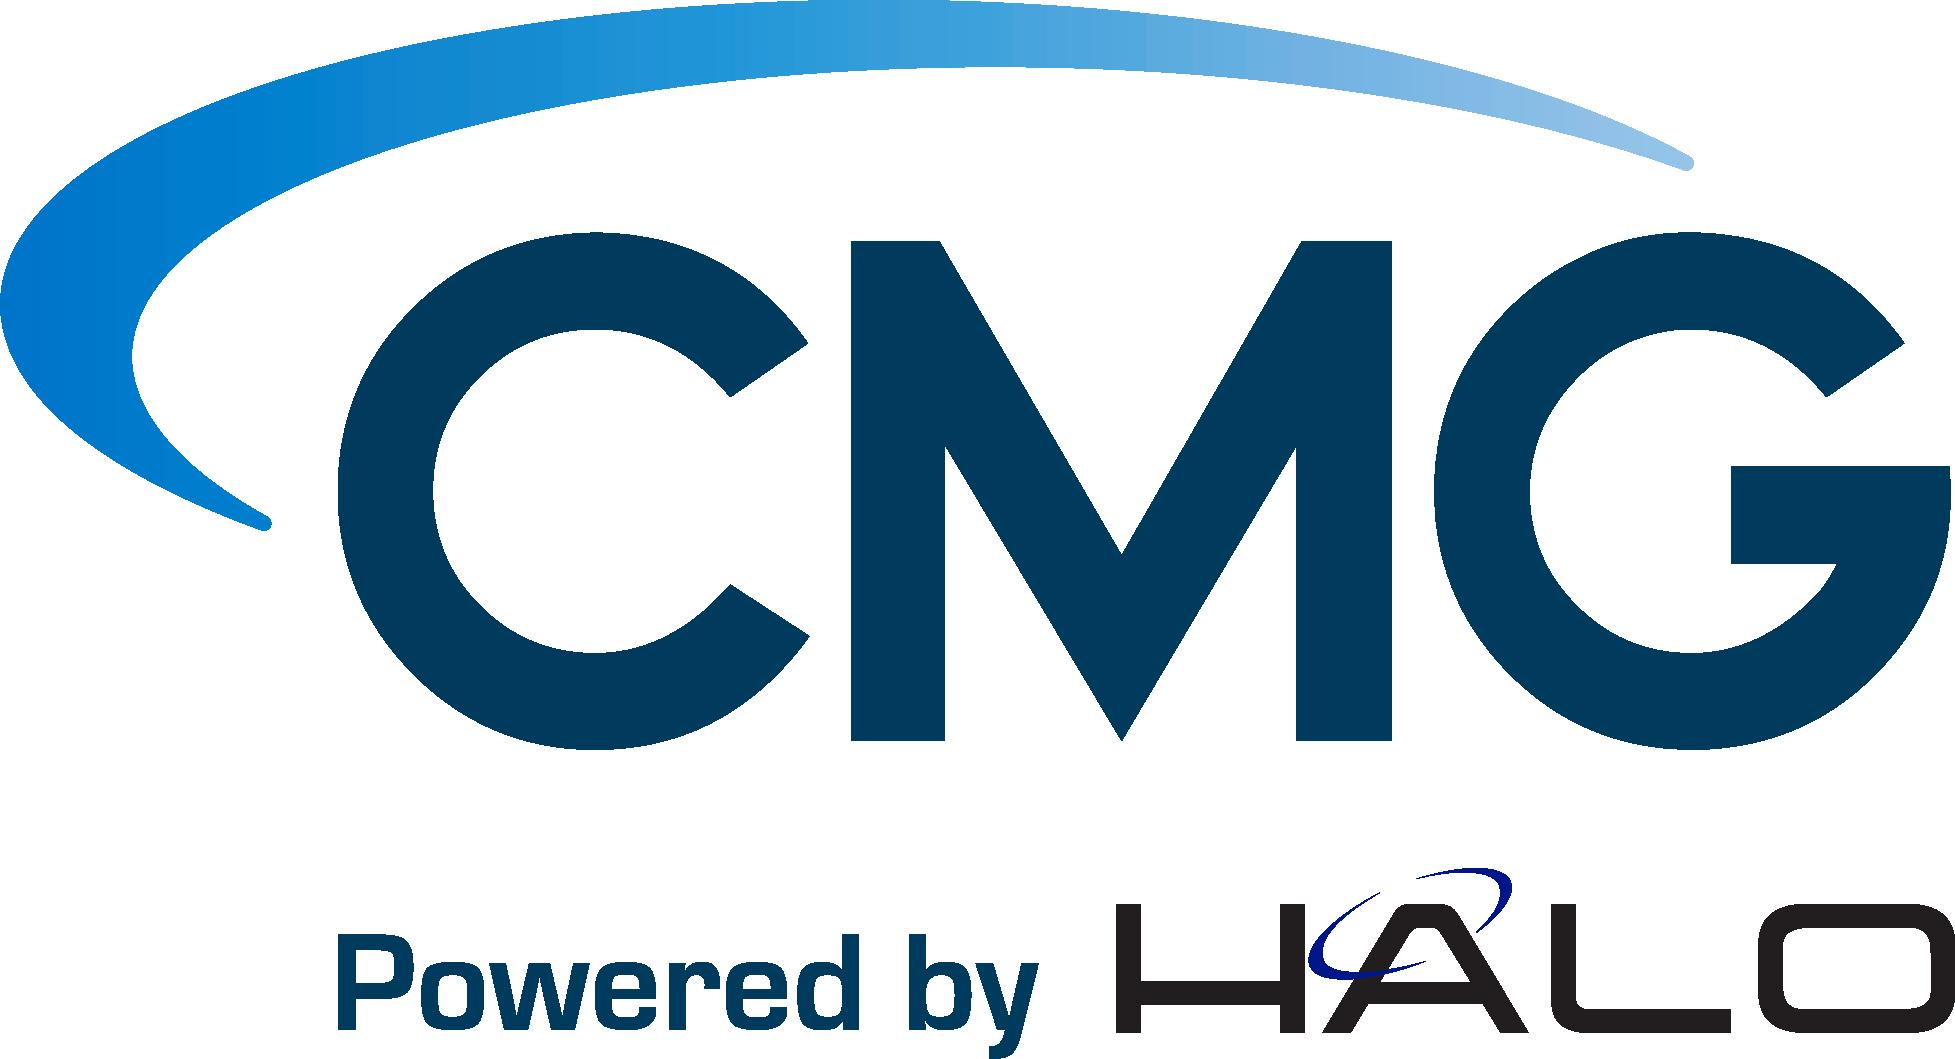 CMG HALO logo